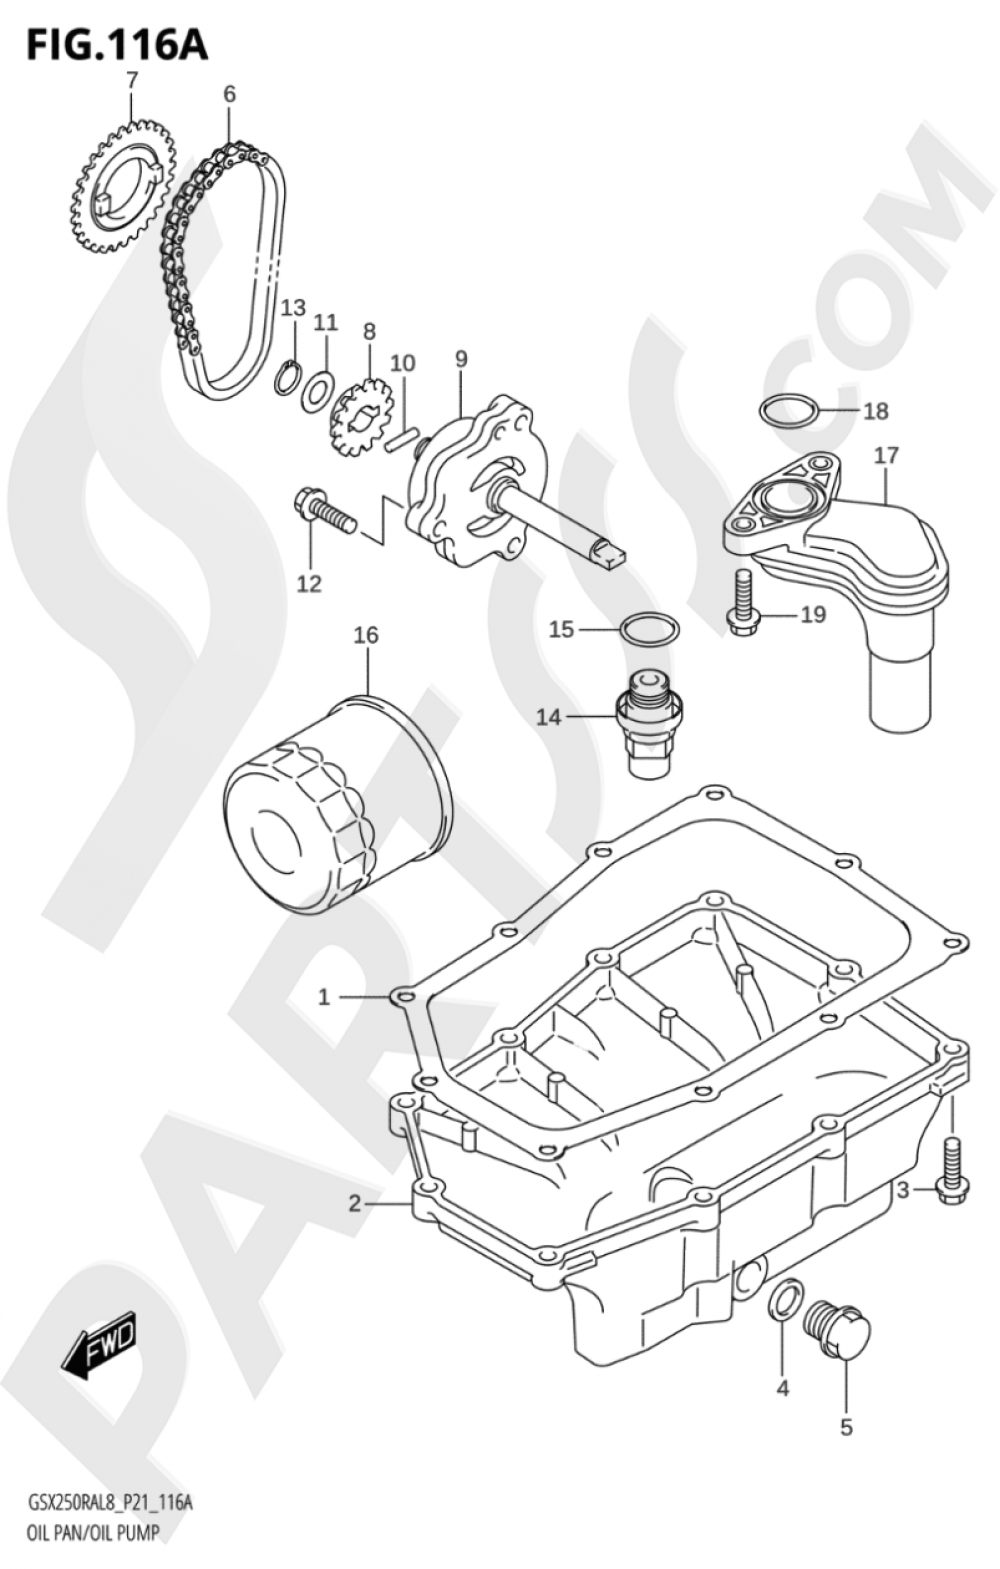 116A - OIL PAN / OIL PUMP Suzuki GSX250RZA 2018